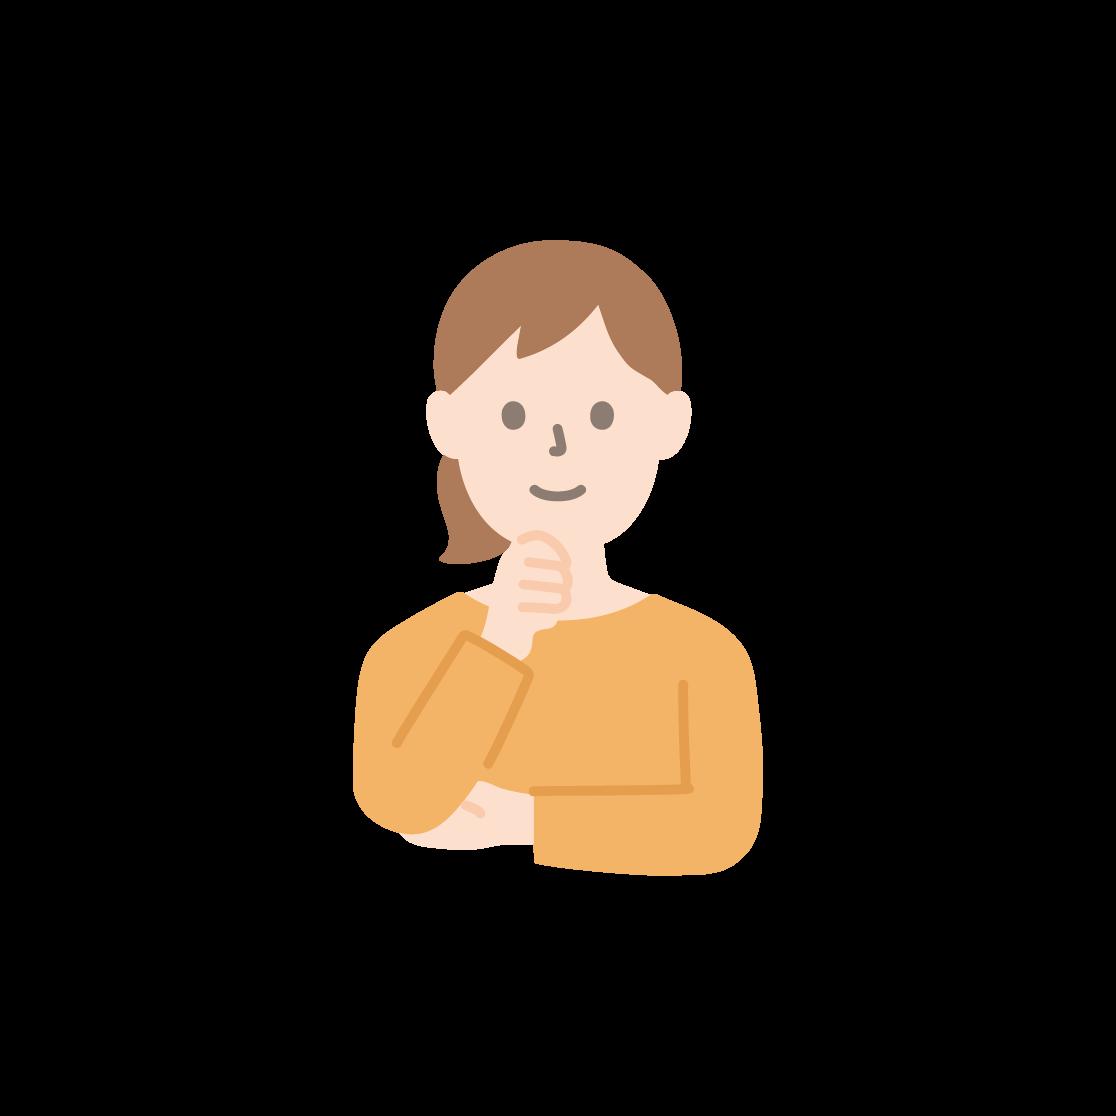 顎に手を当てる女性の塗りイラスト